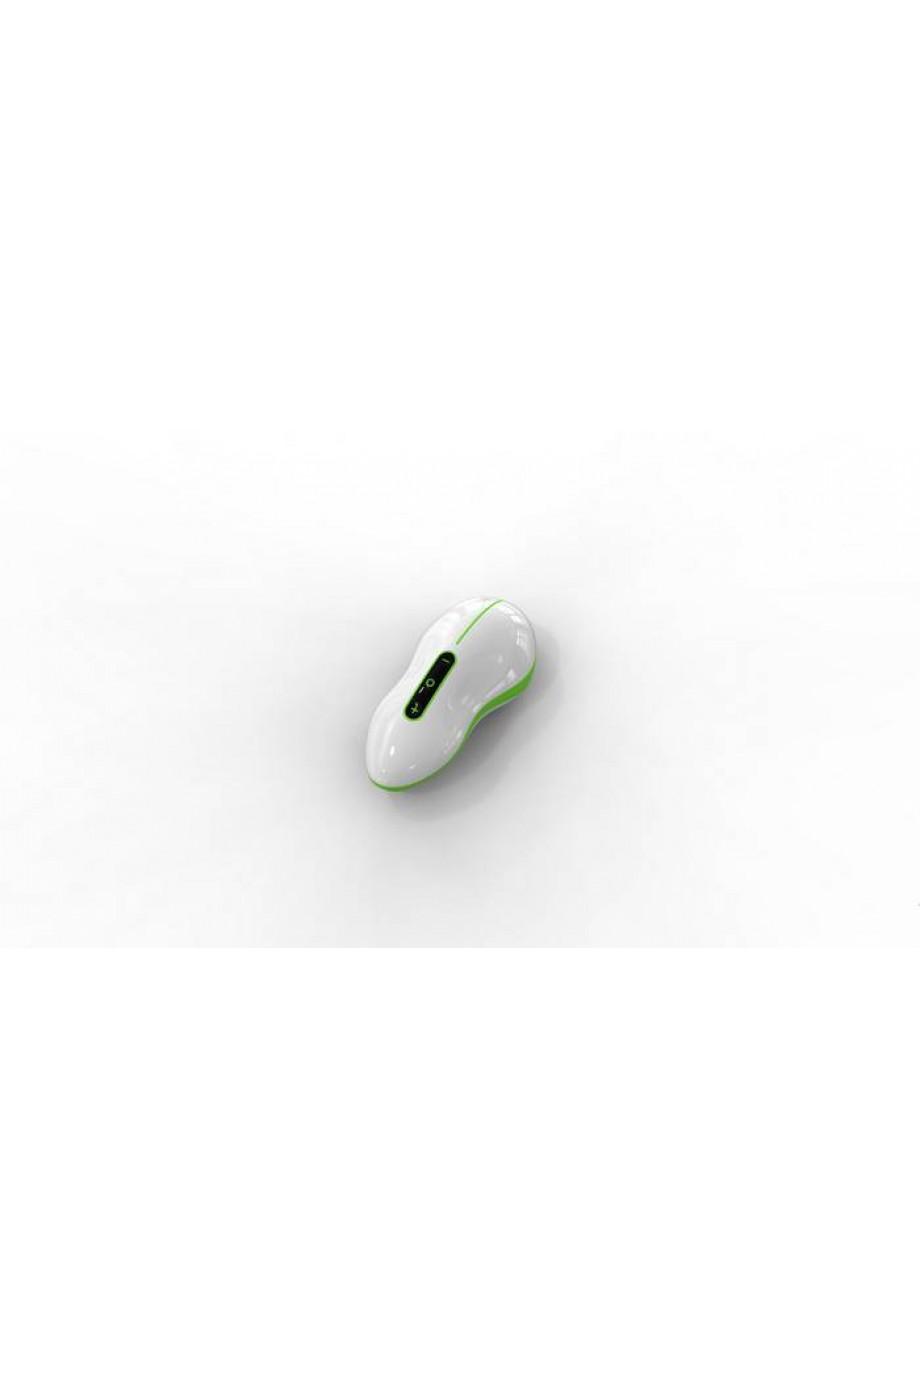 Вибростимулятор Mouse бело-зеленый 10 см